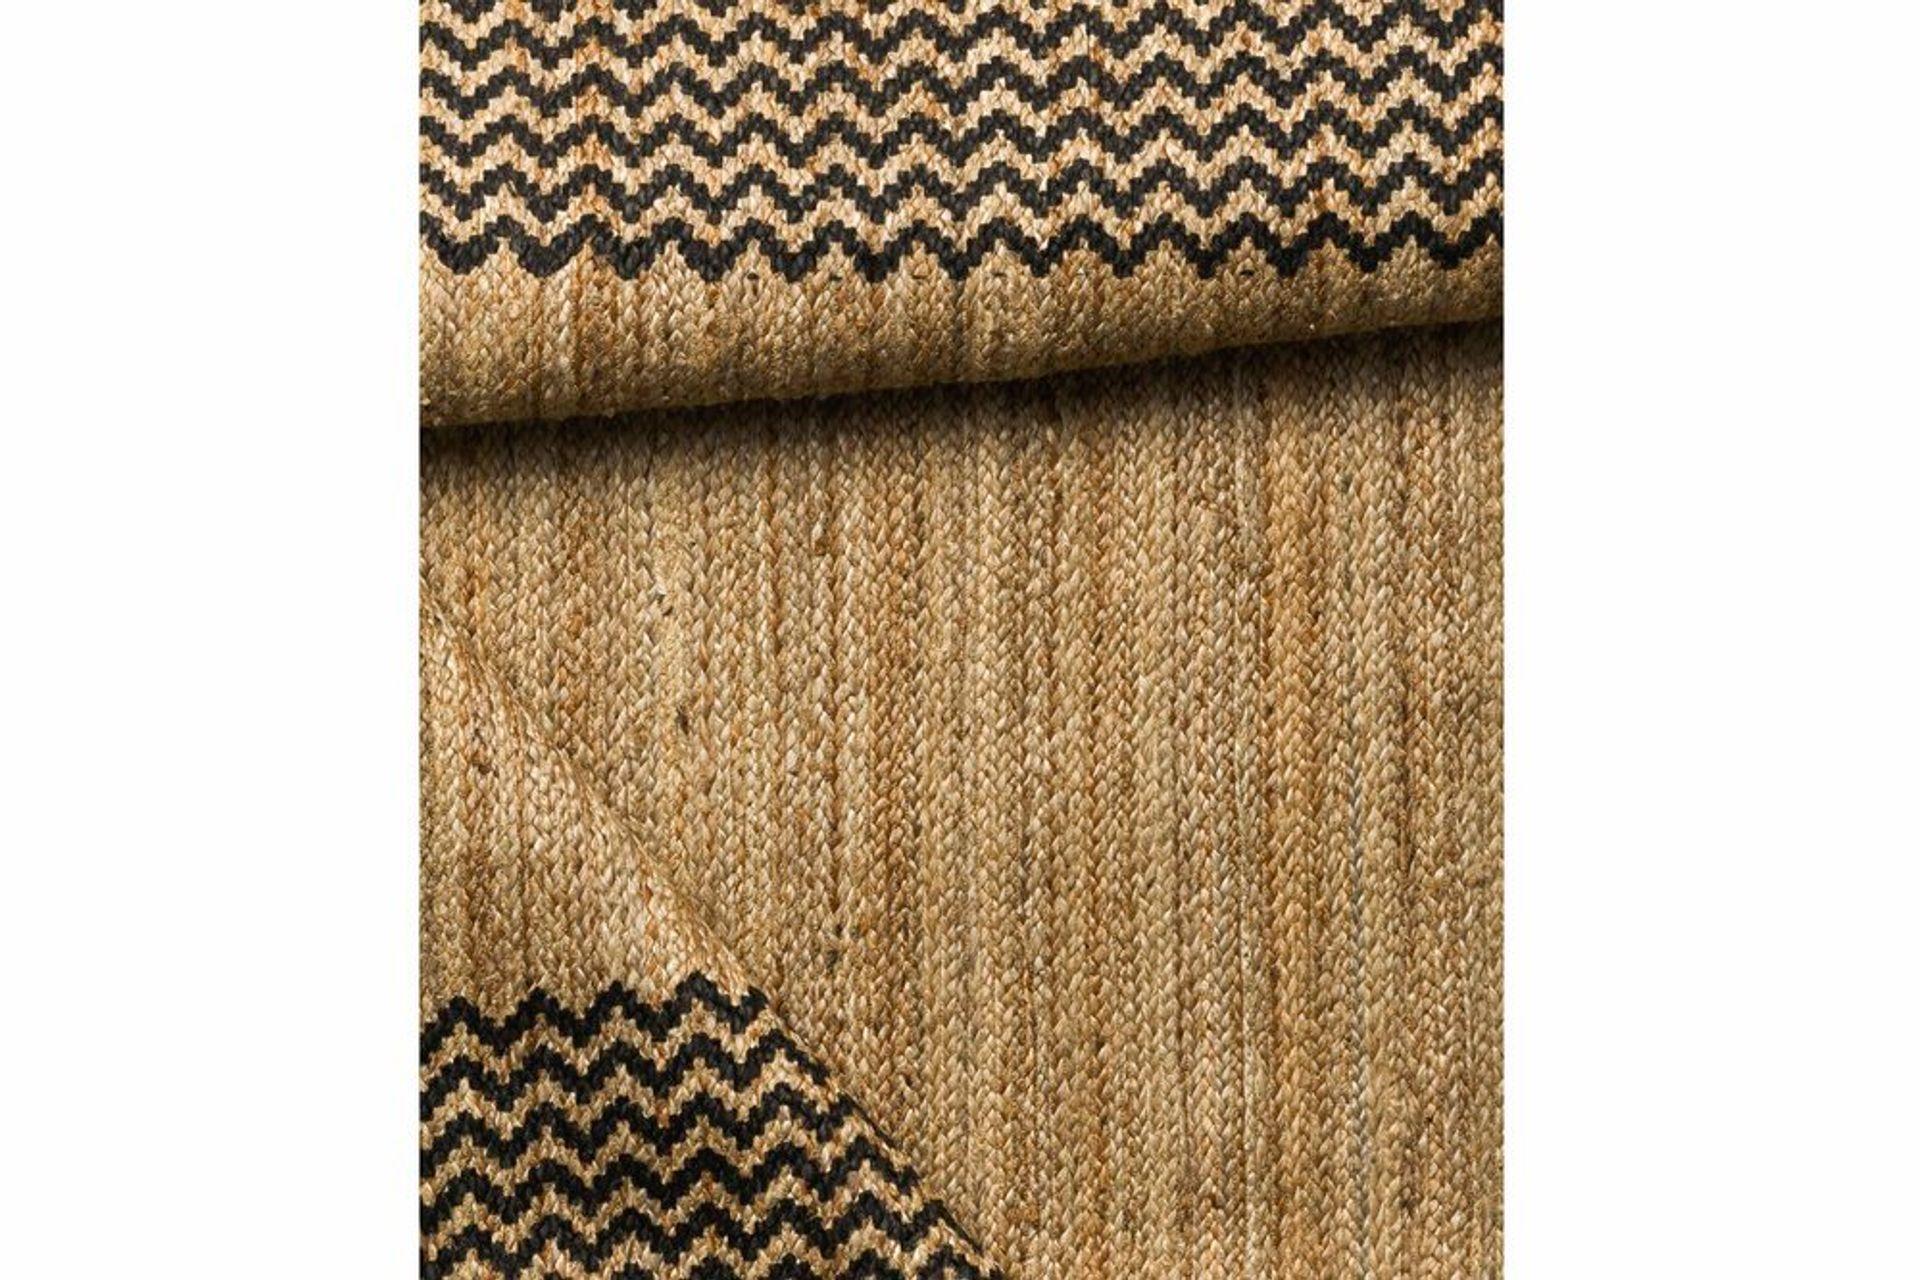 Rosa Block Print Jute rug, 90 x 150, Natural